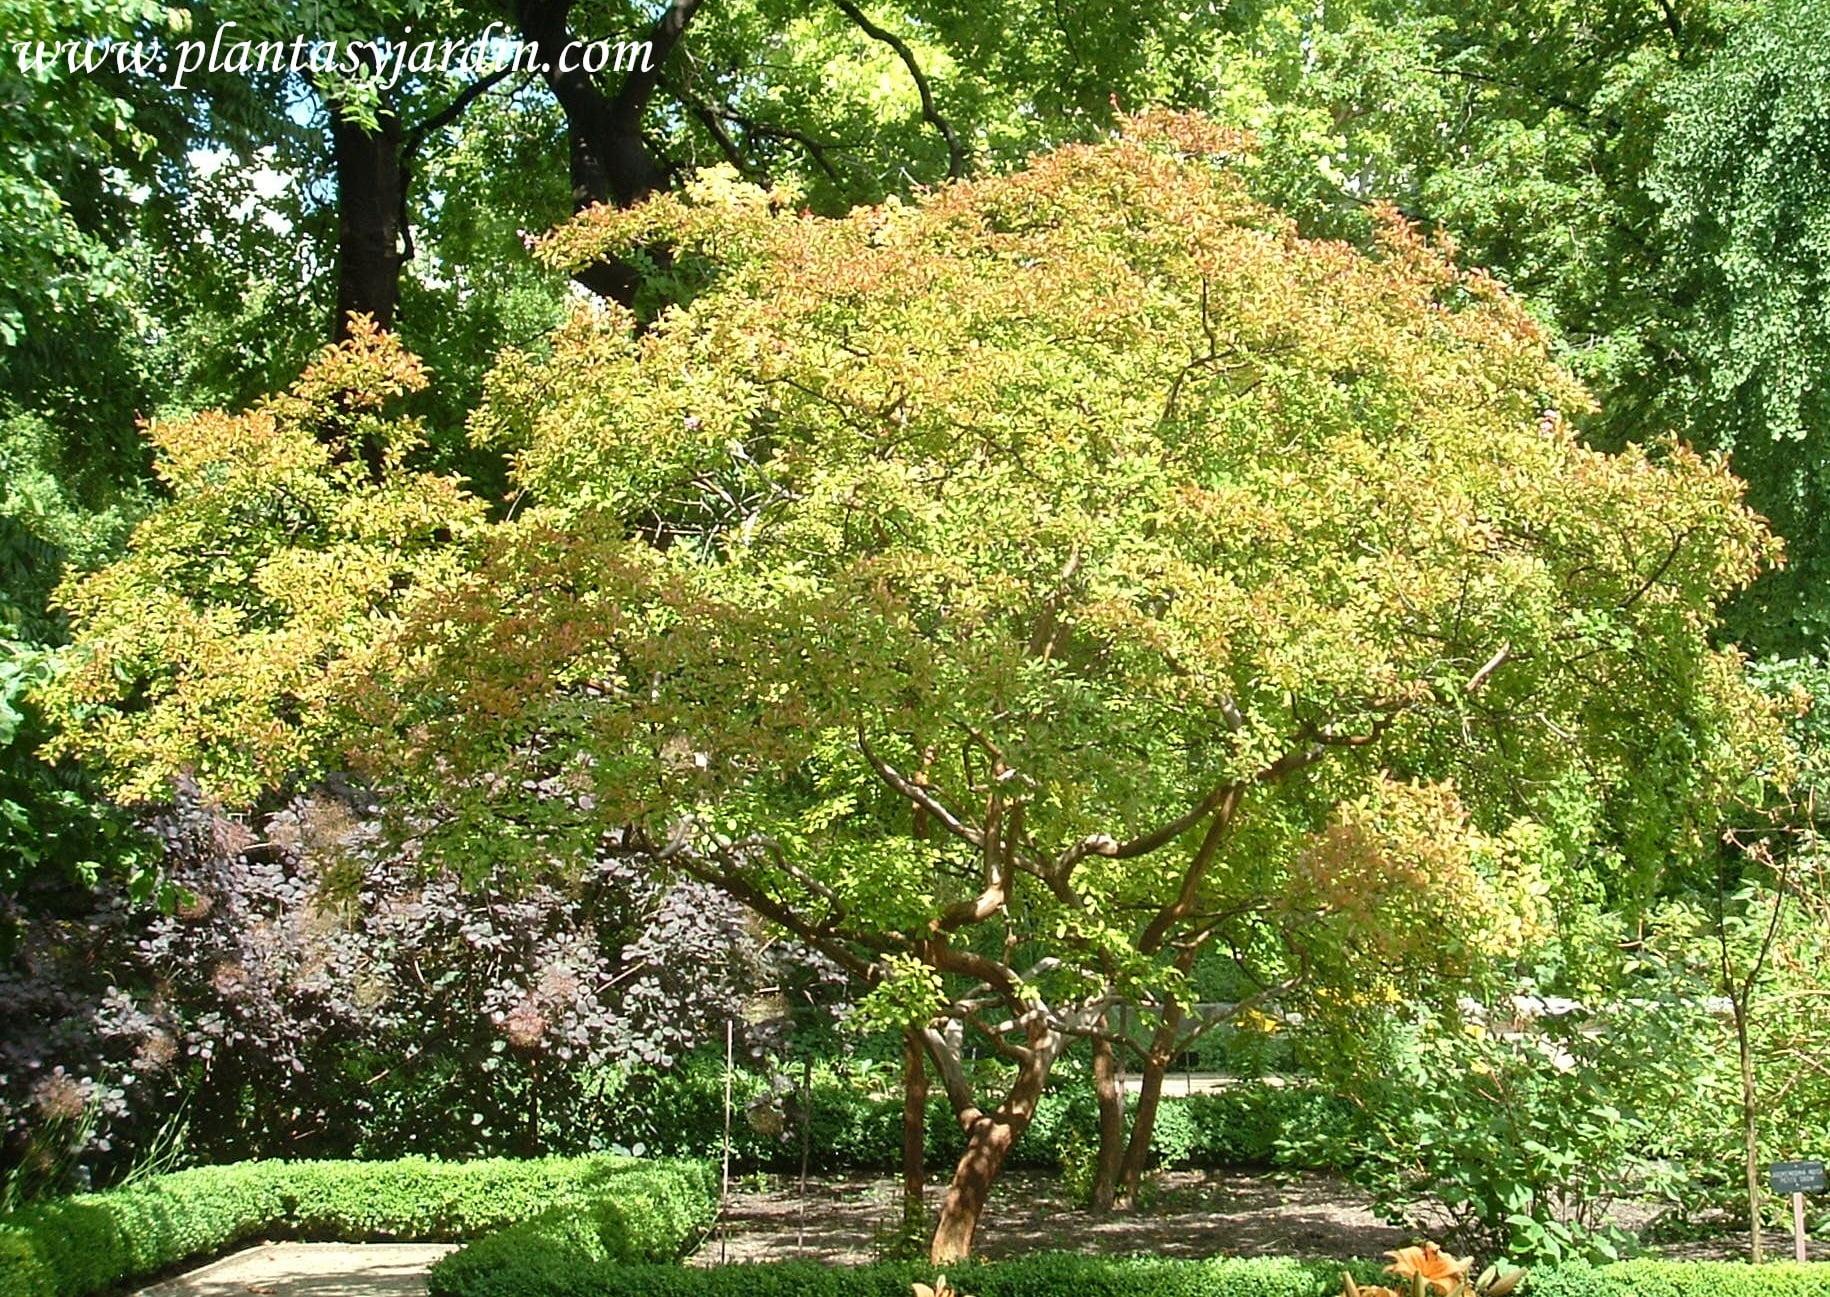 Rboles para jardines peque os plantas jard n part 2 - Arboles para jardines pequenos ...